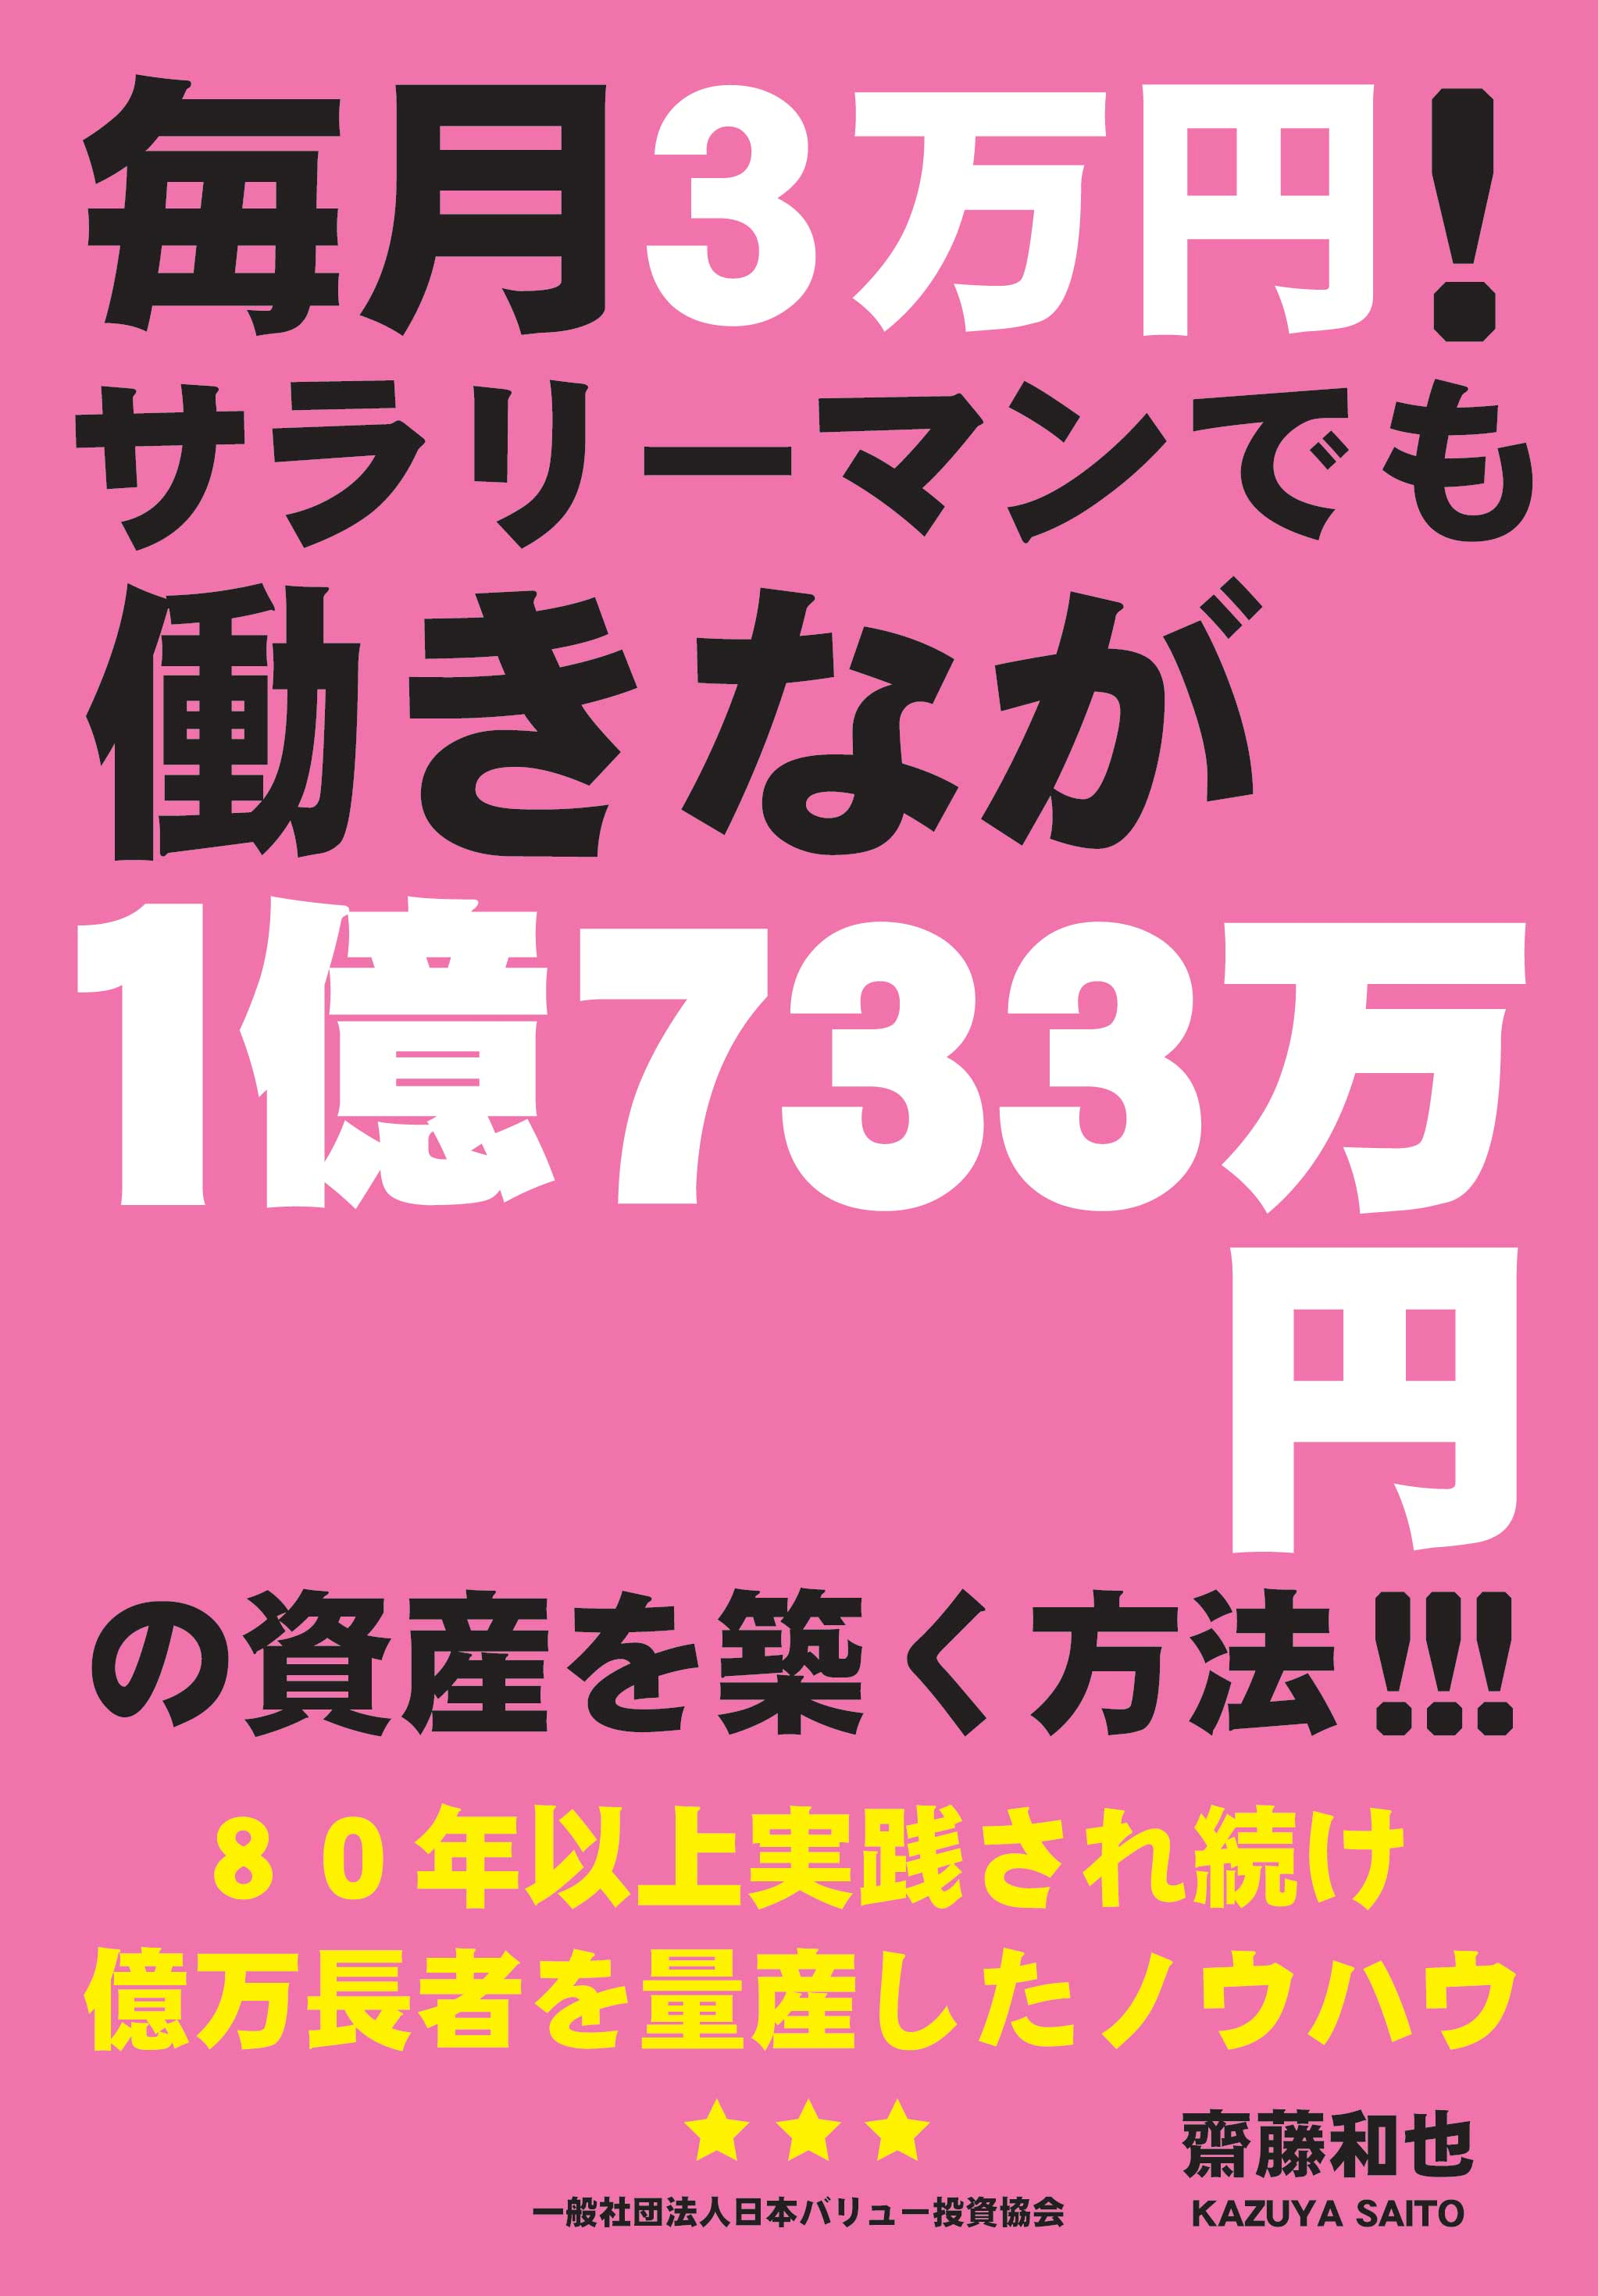 毎月3万円!サラリーマンでも働きながら1億733万円の資産を築く方法!!!